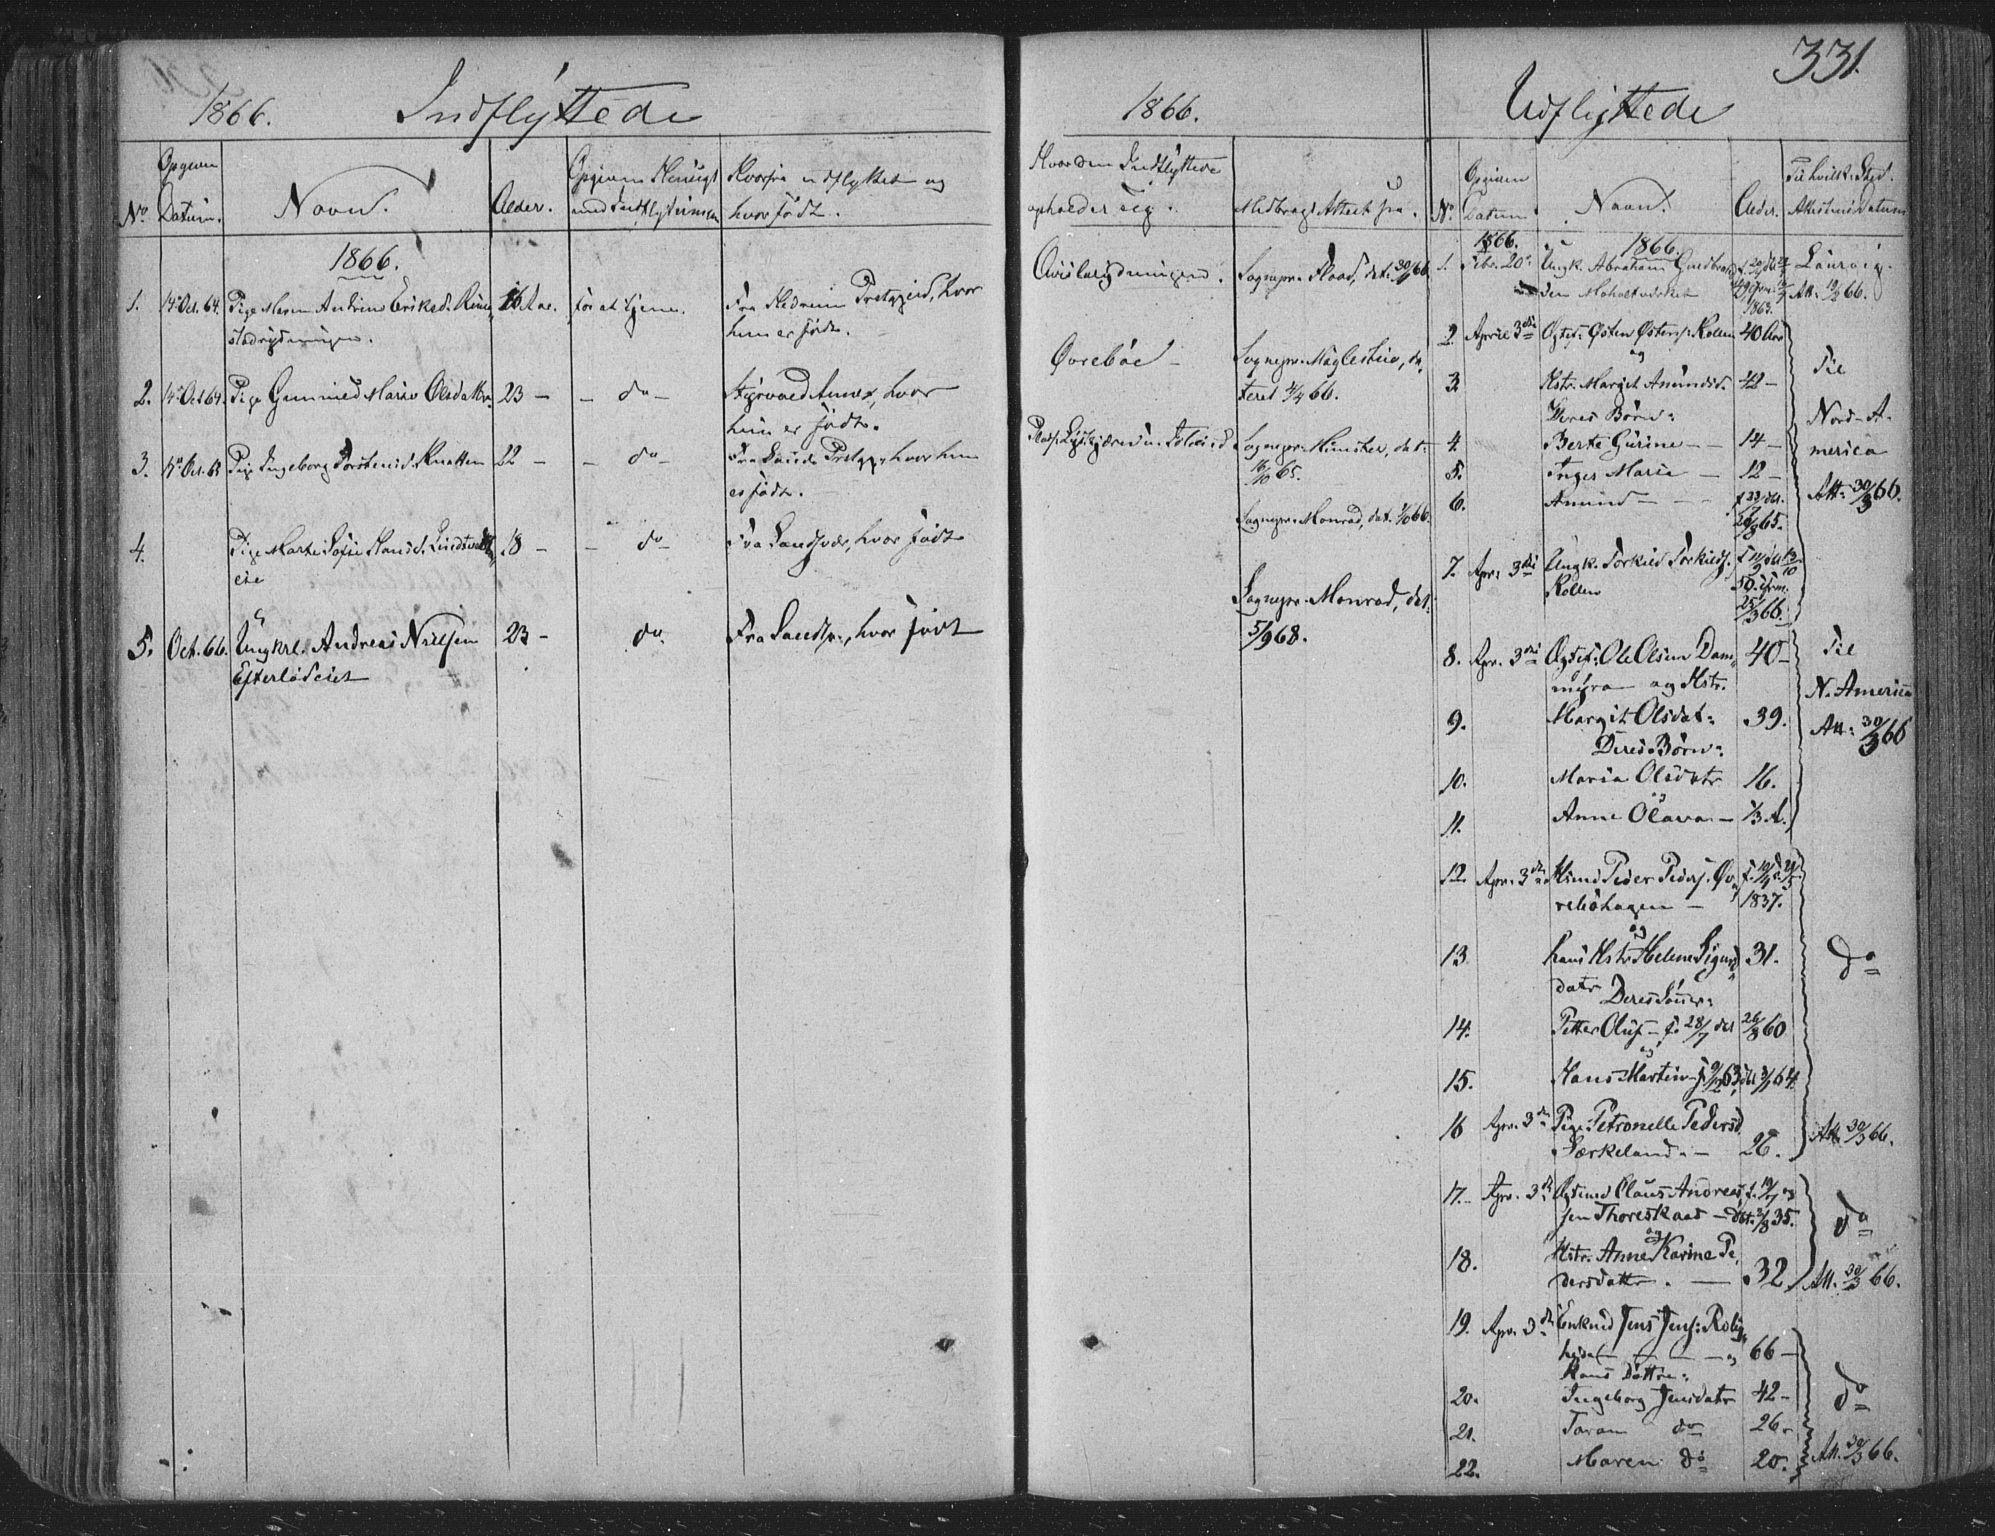 SAKO, Siljan kirkebøker, F/Fa/L0001: Ministerialbok nr. 1, 1831-1870, s. 331